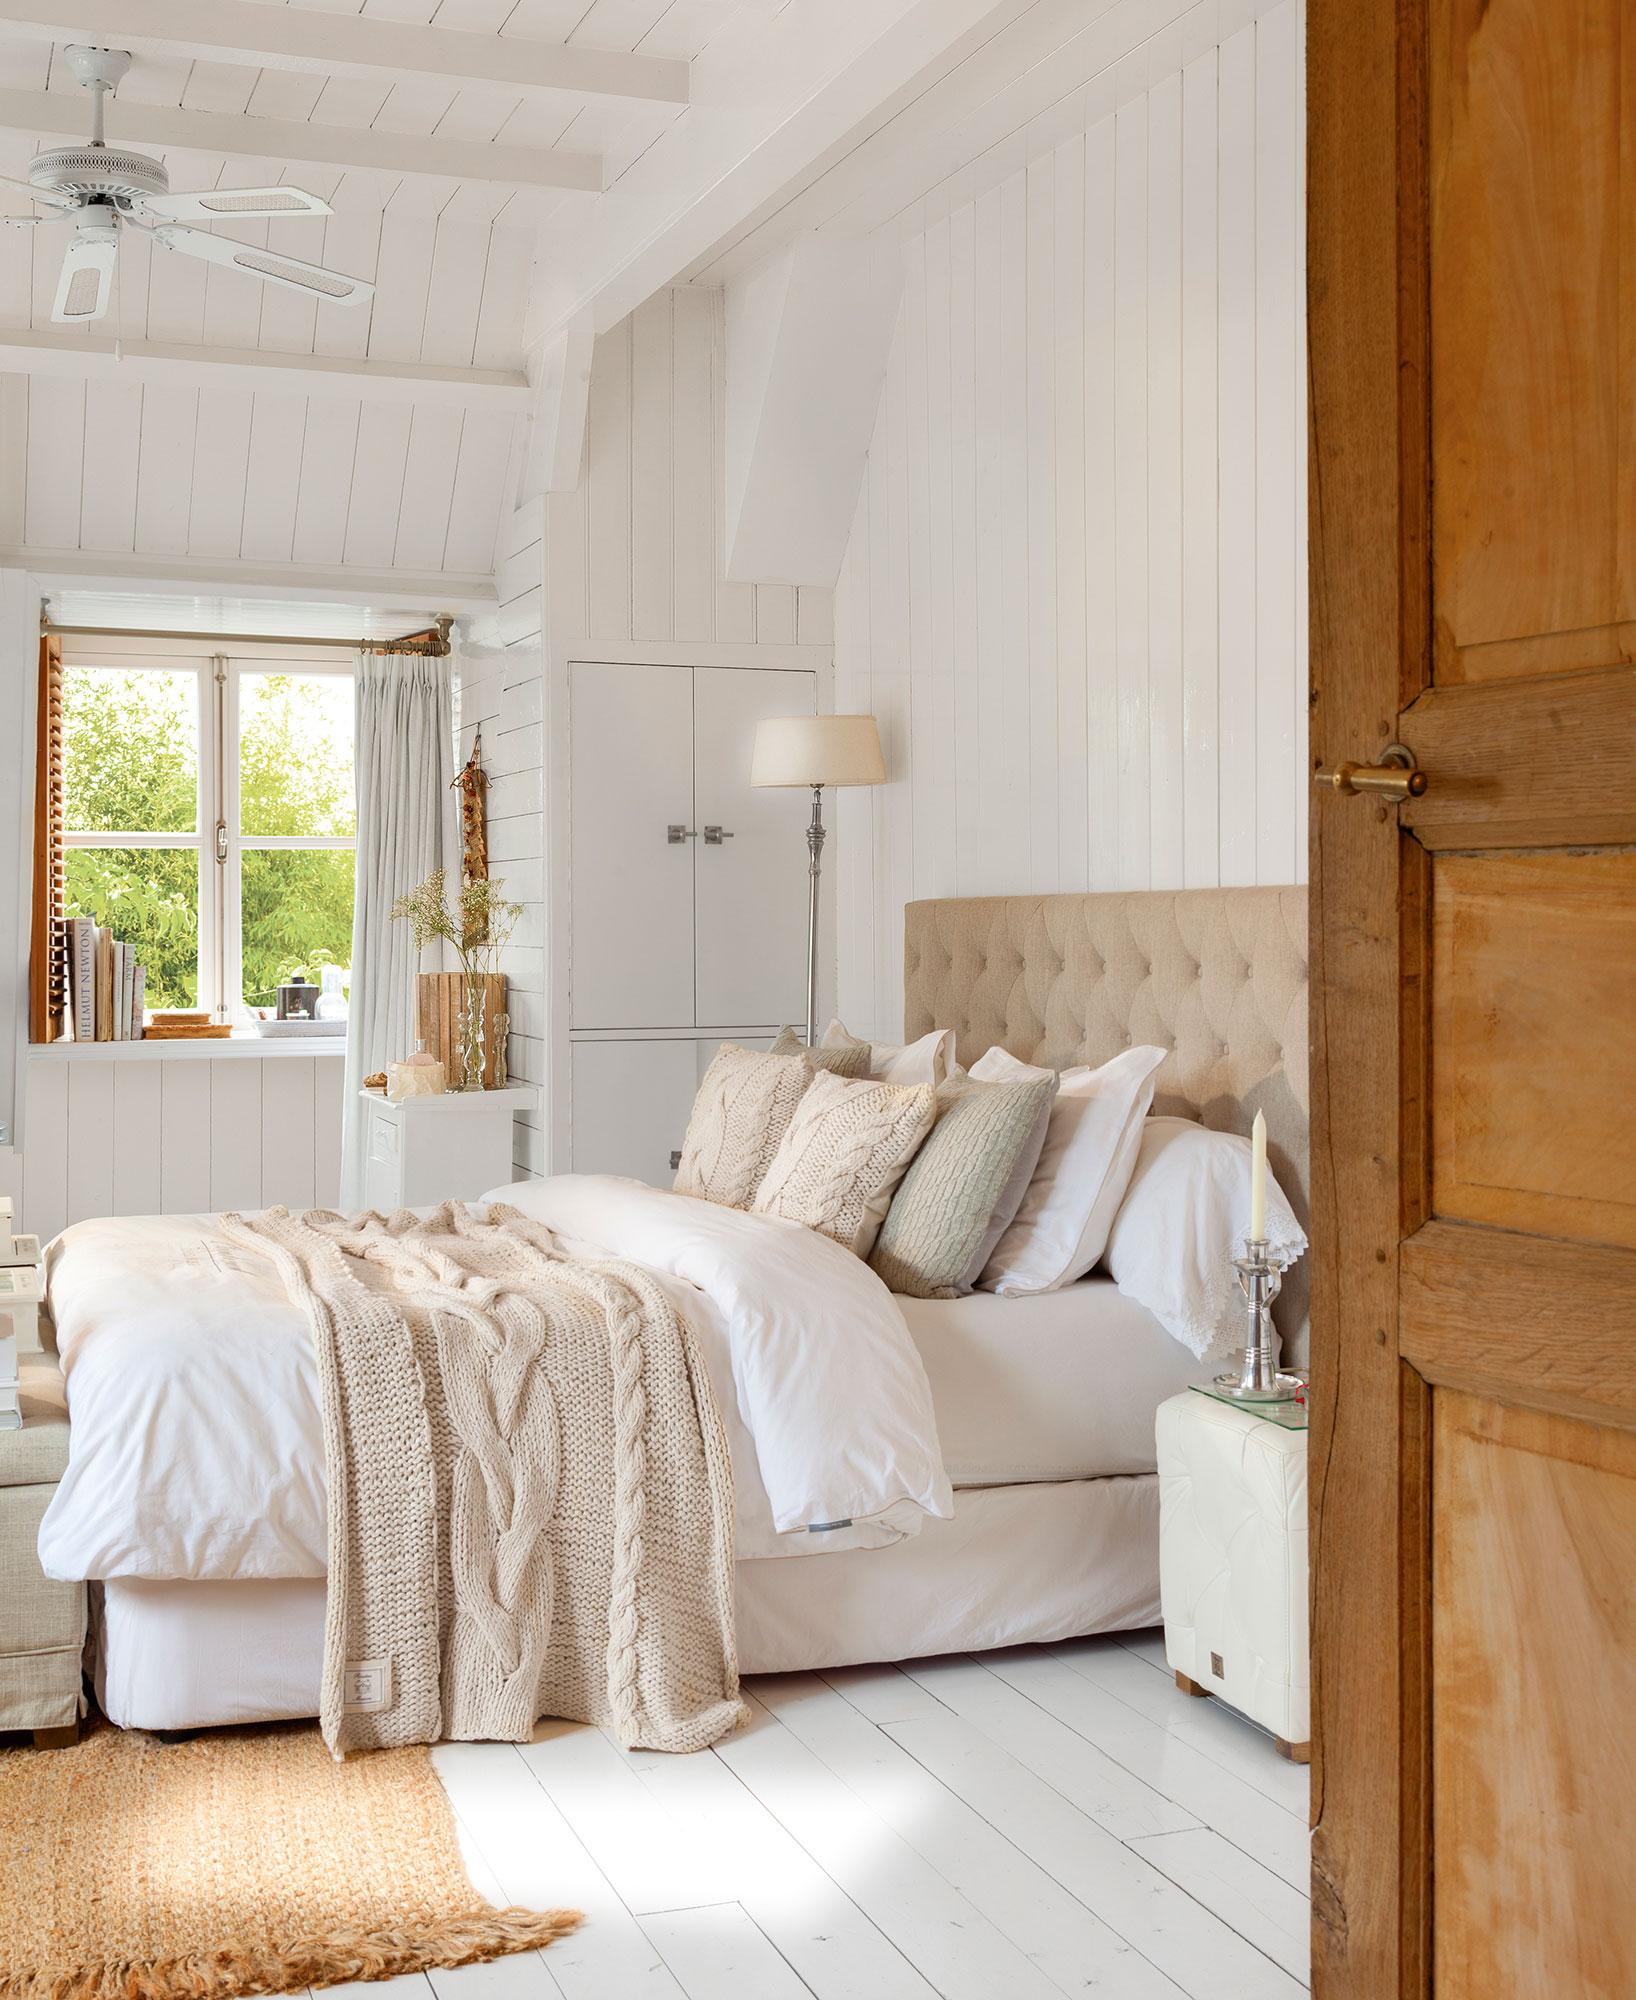 16 trucos para decorar tu dormitorio y dormir mejor - Orientacion cama dormir bien ...